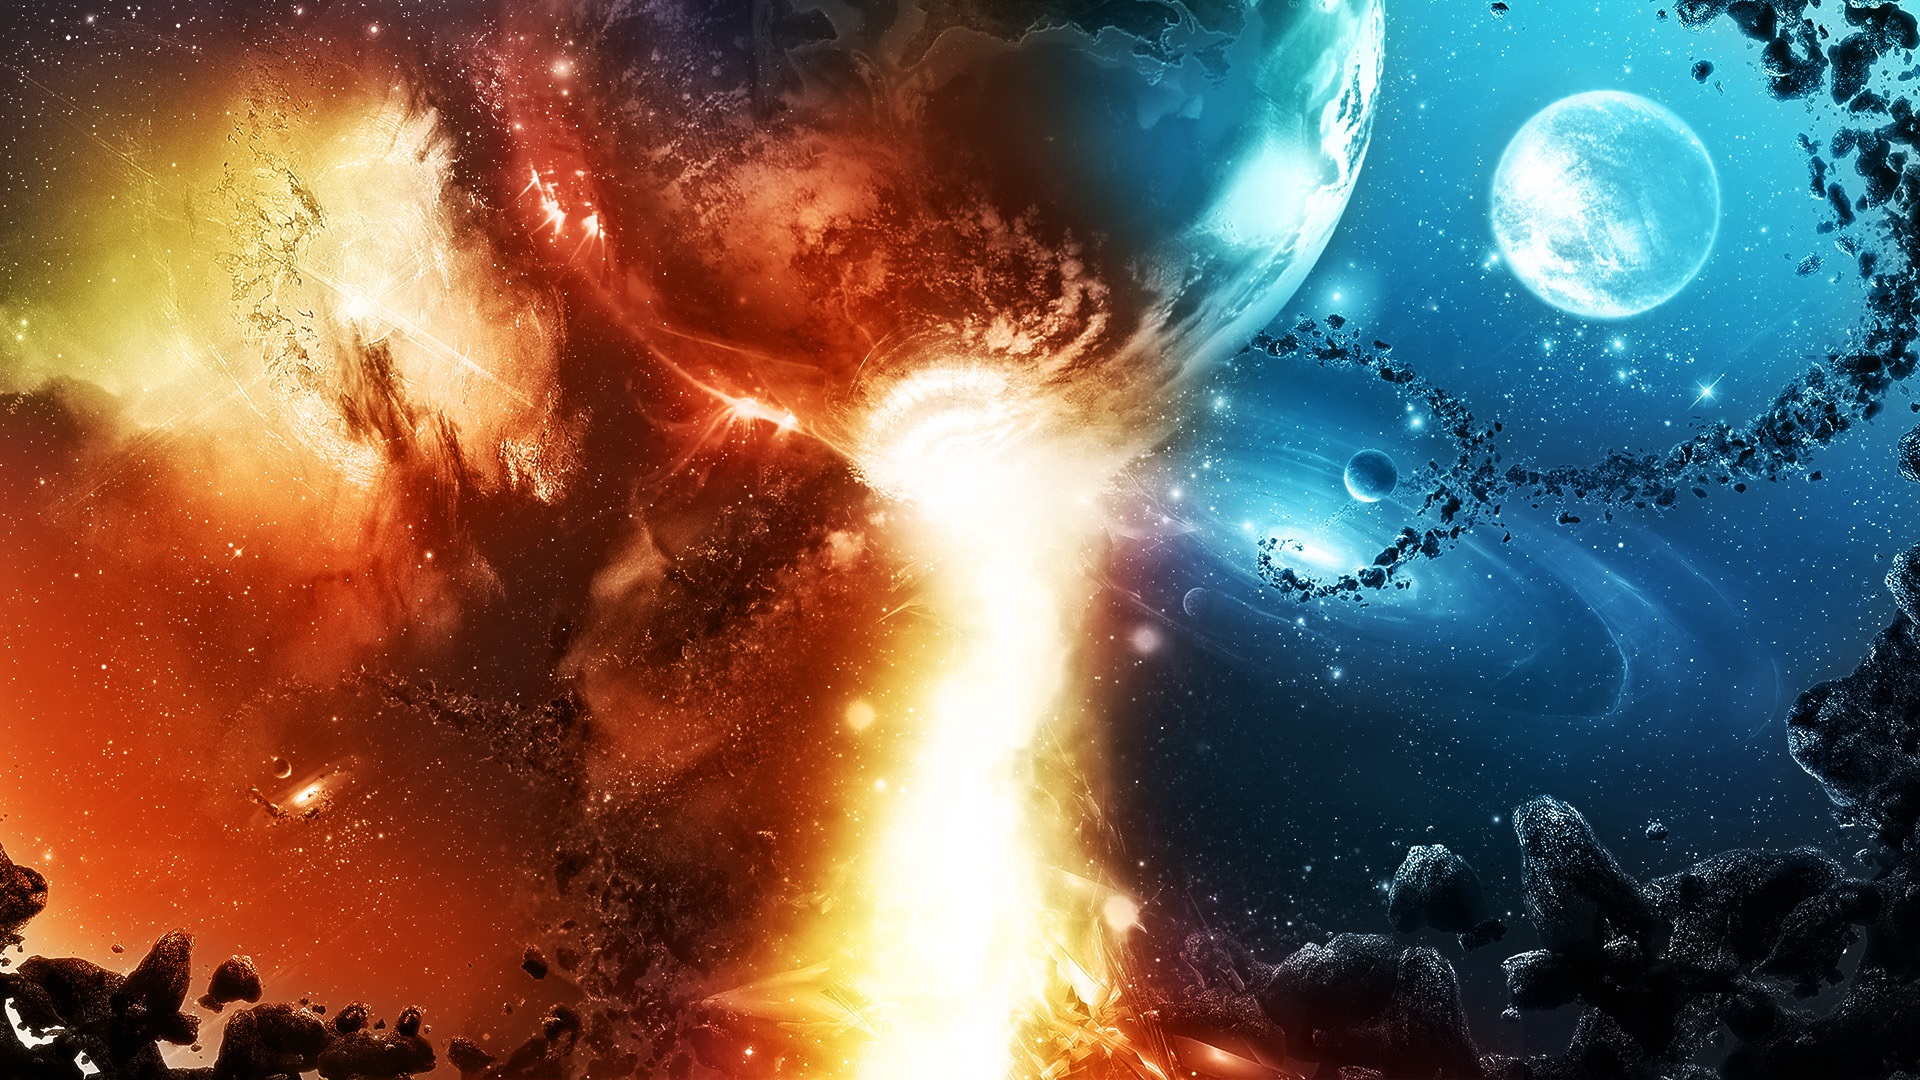 эмоция, которой огненная планета на телефон картинки скидки